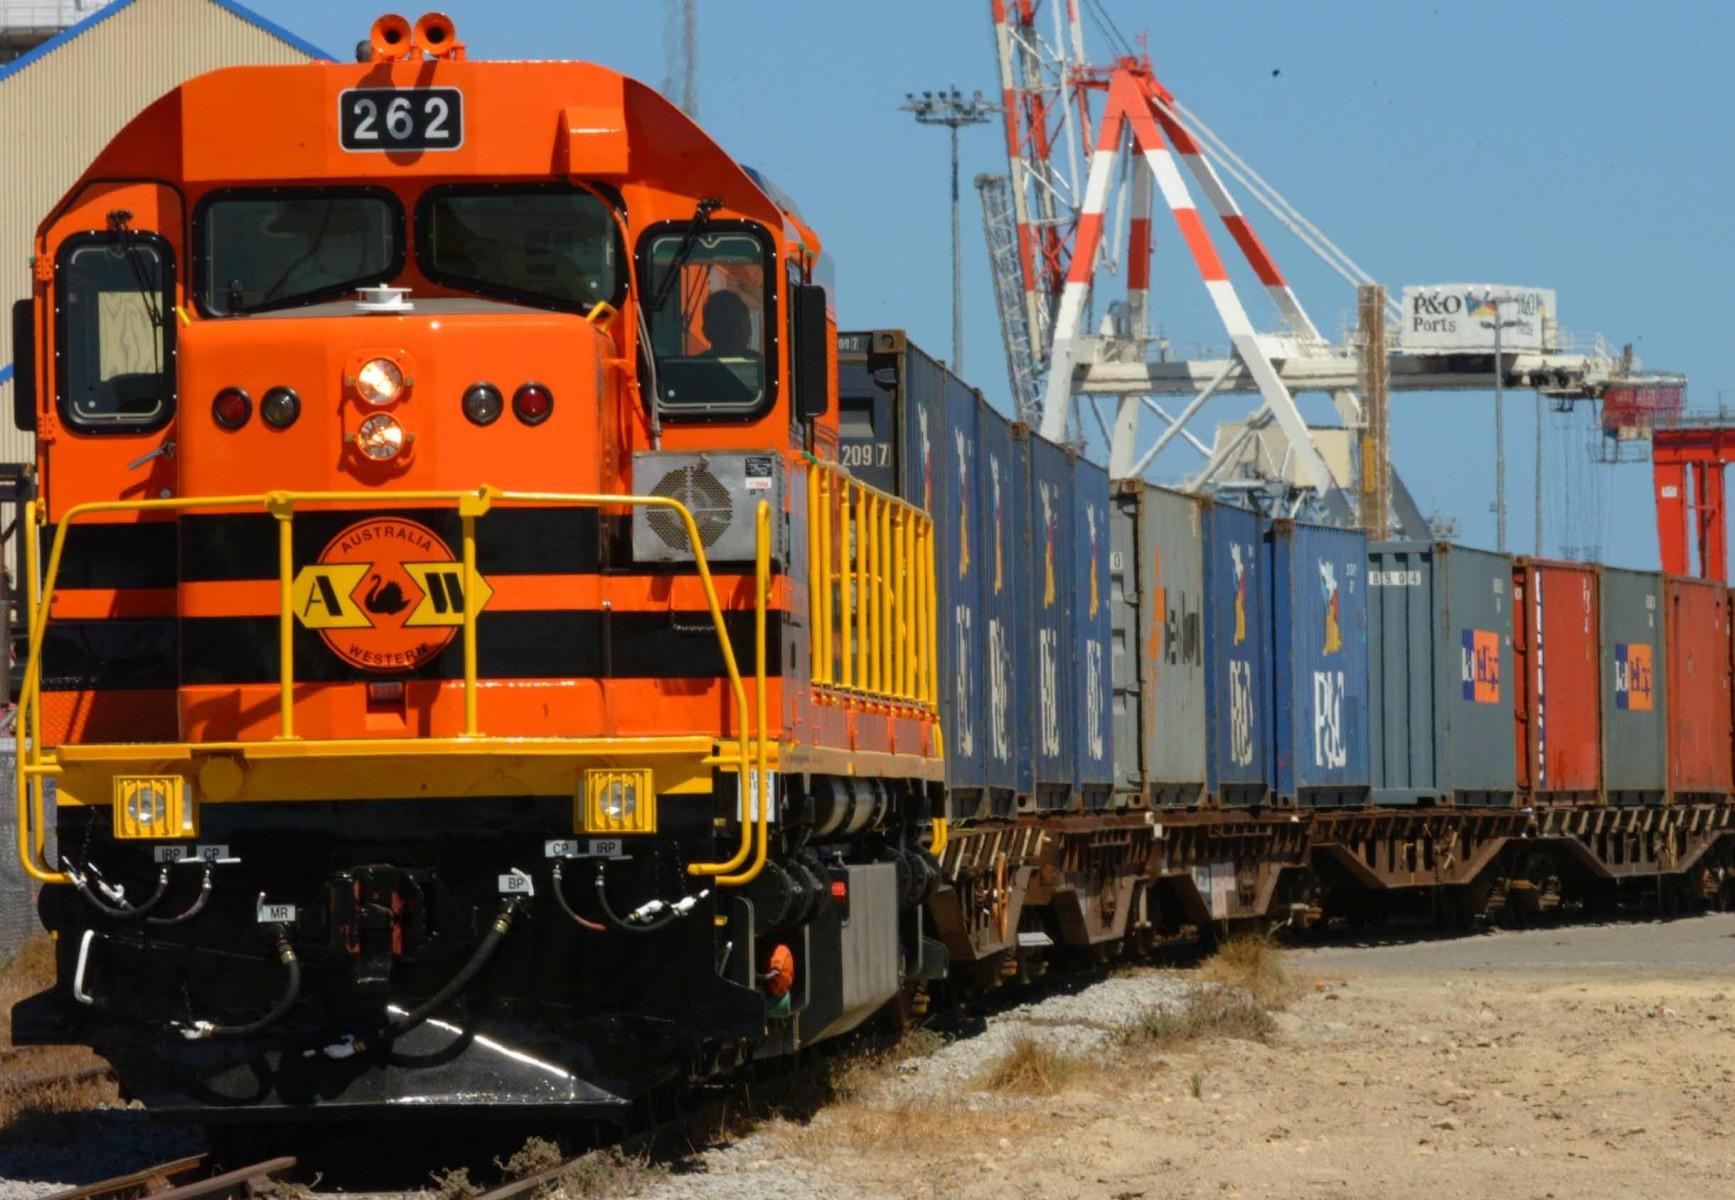 ОТЛК ЕРА планирует увеличить ж.-д. перевозки через коридор Европа – Китай , ОТЛК ERA, Европа-Китай